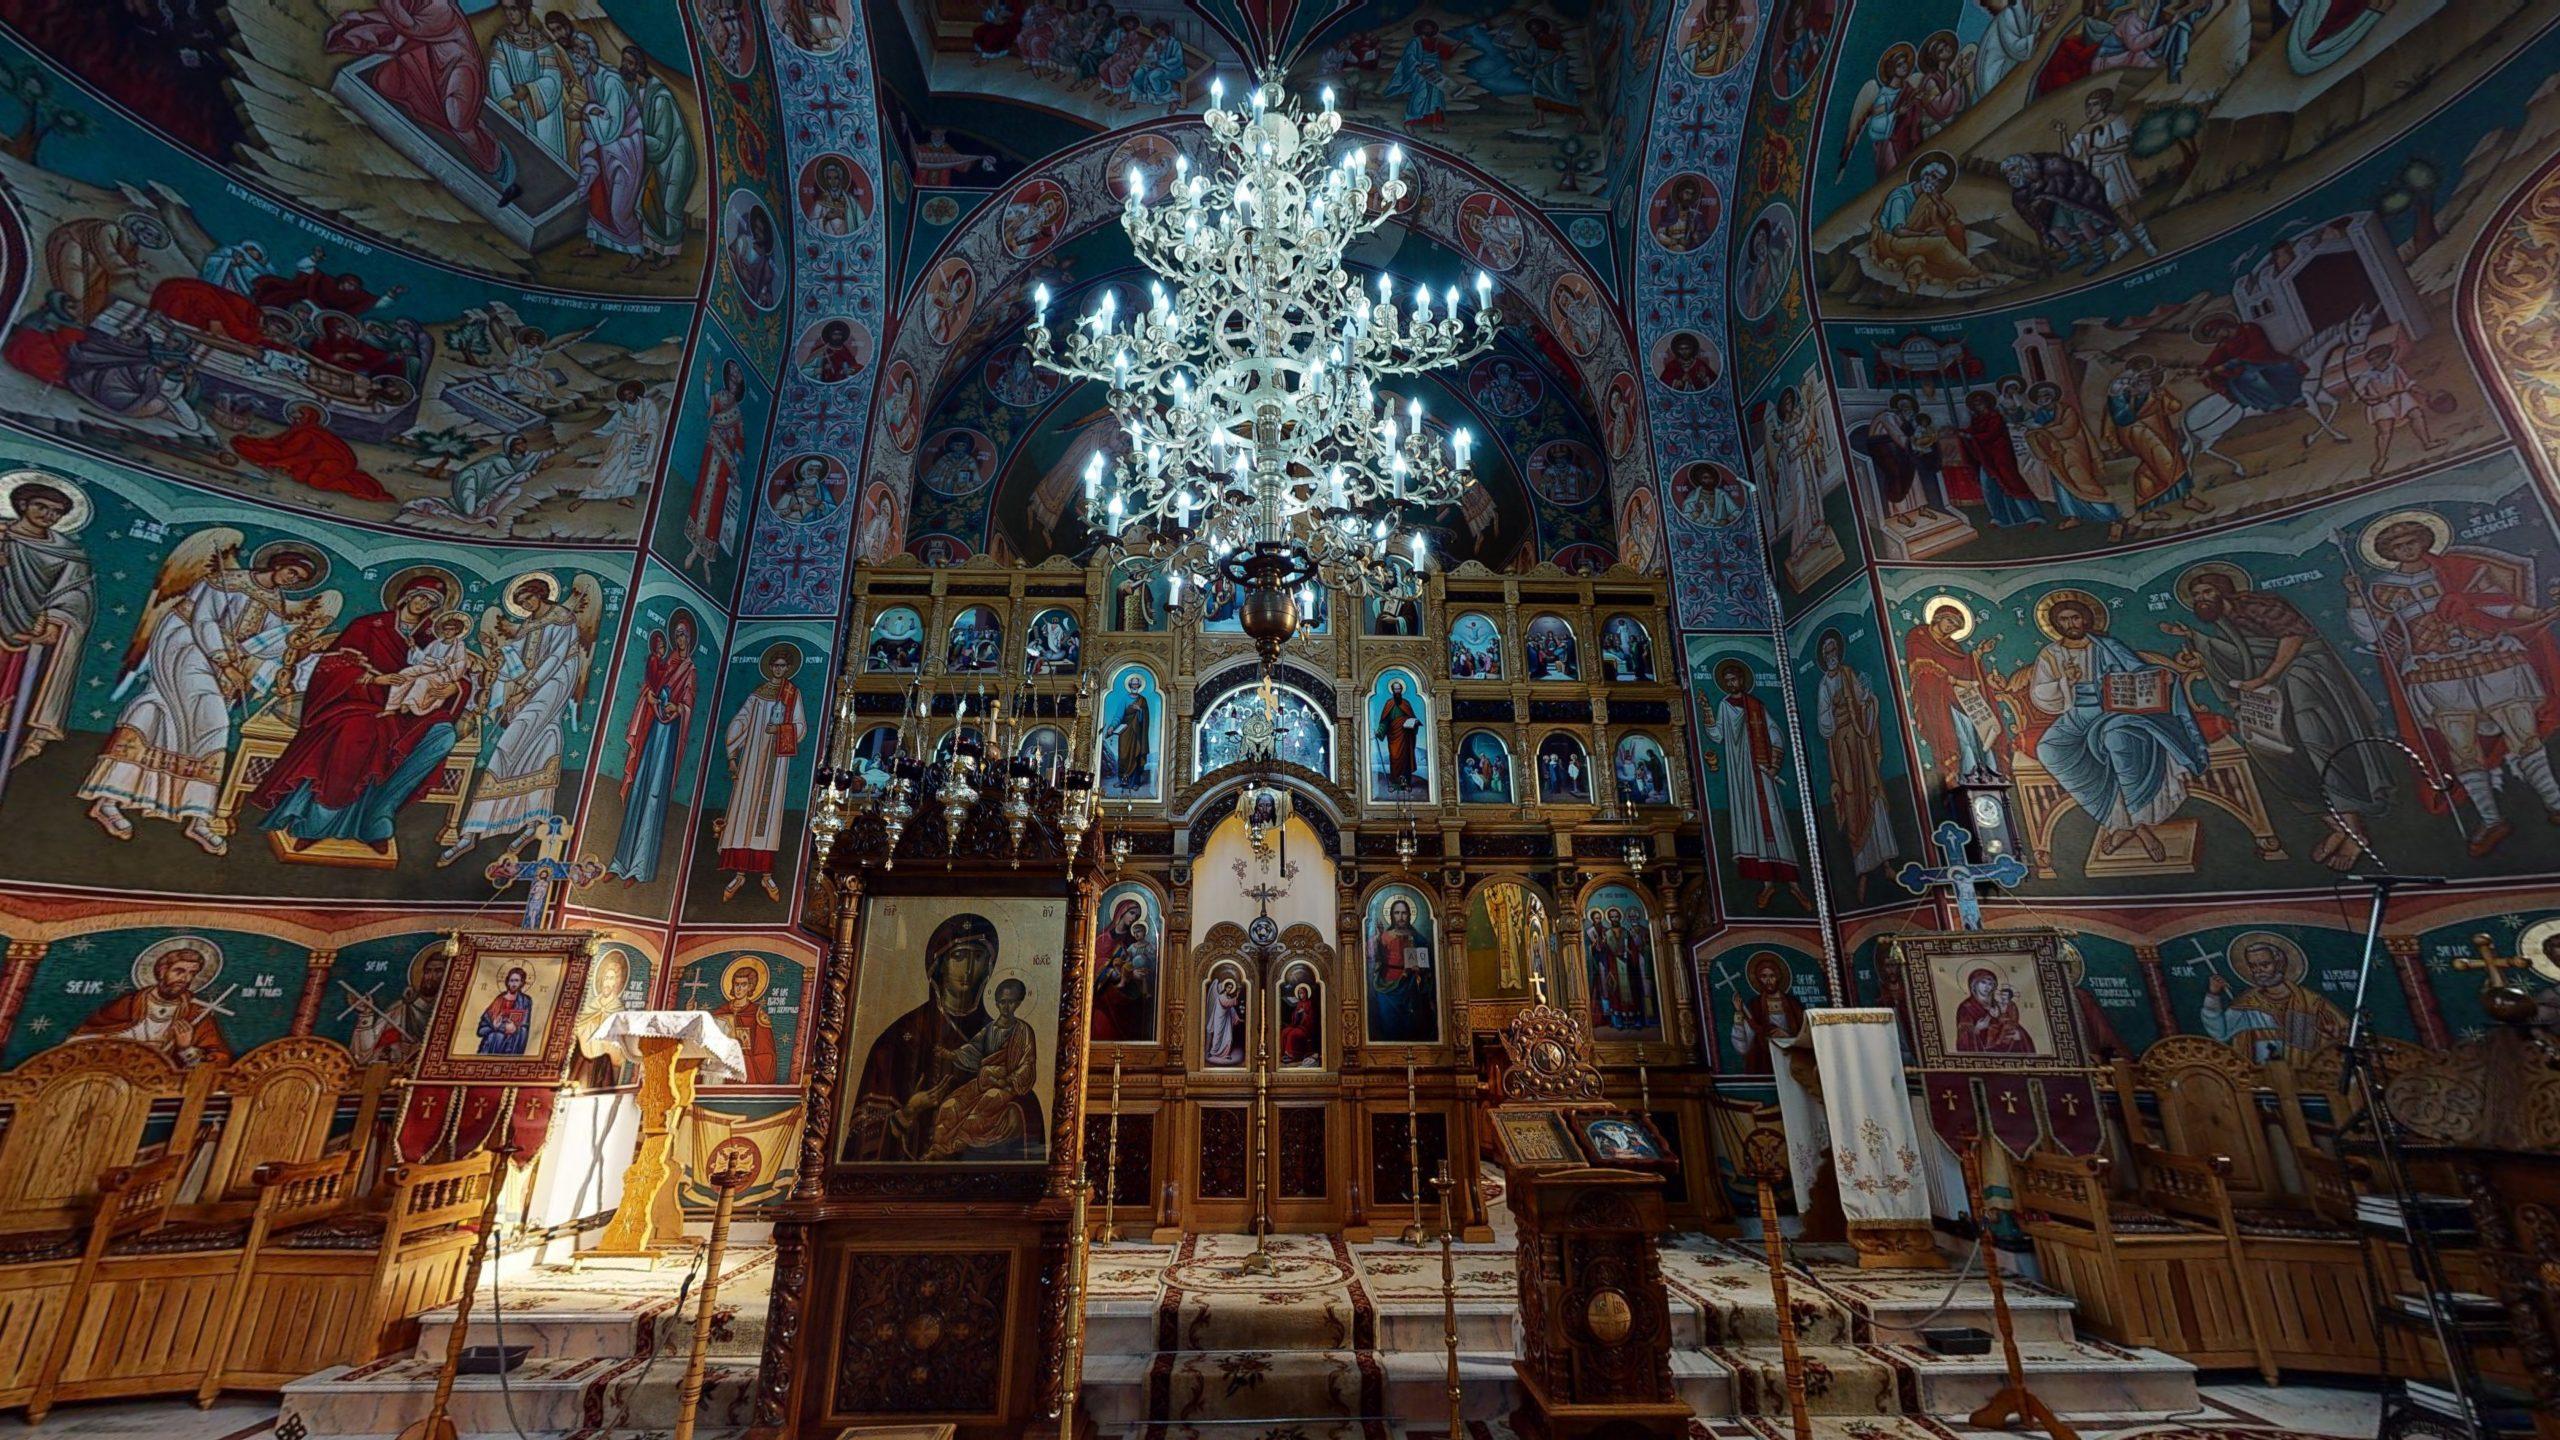 Biserica-Sfintii-Trei-Ierarhi-Flamanzi-11172020_010524